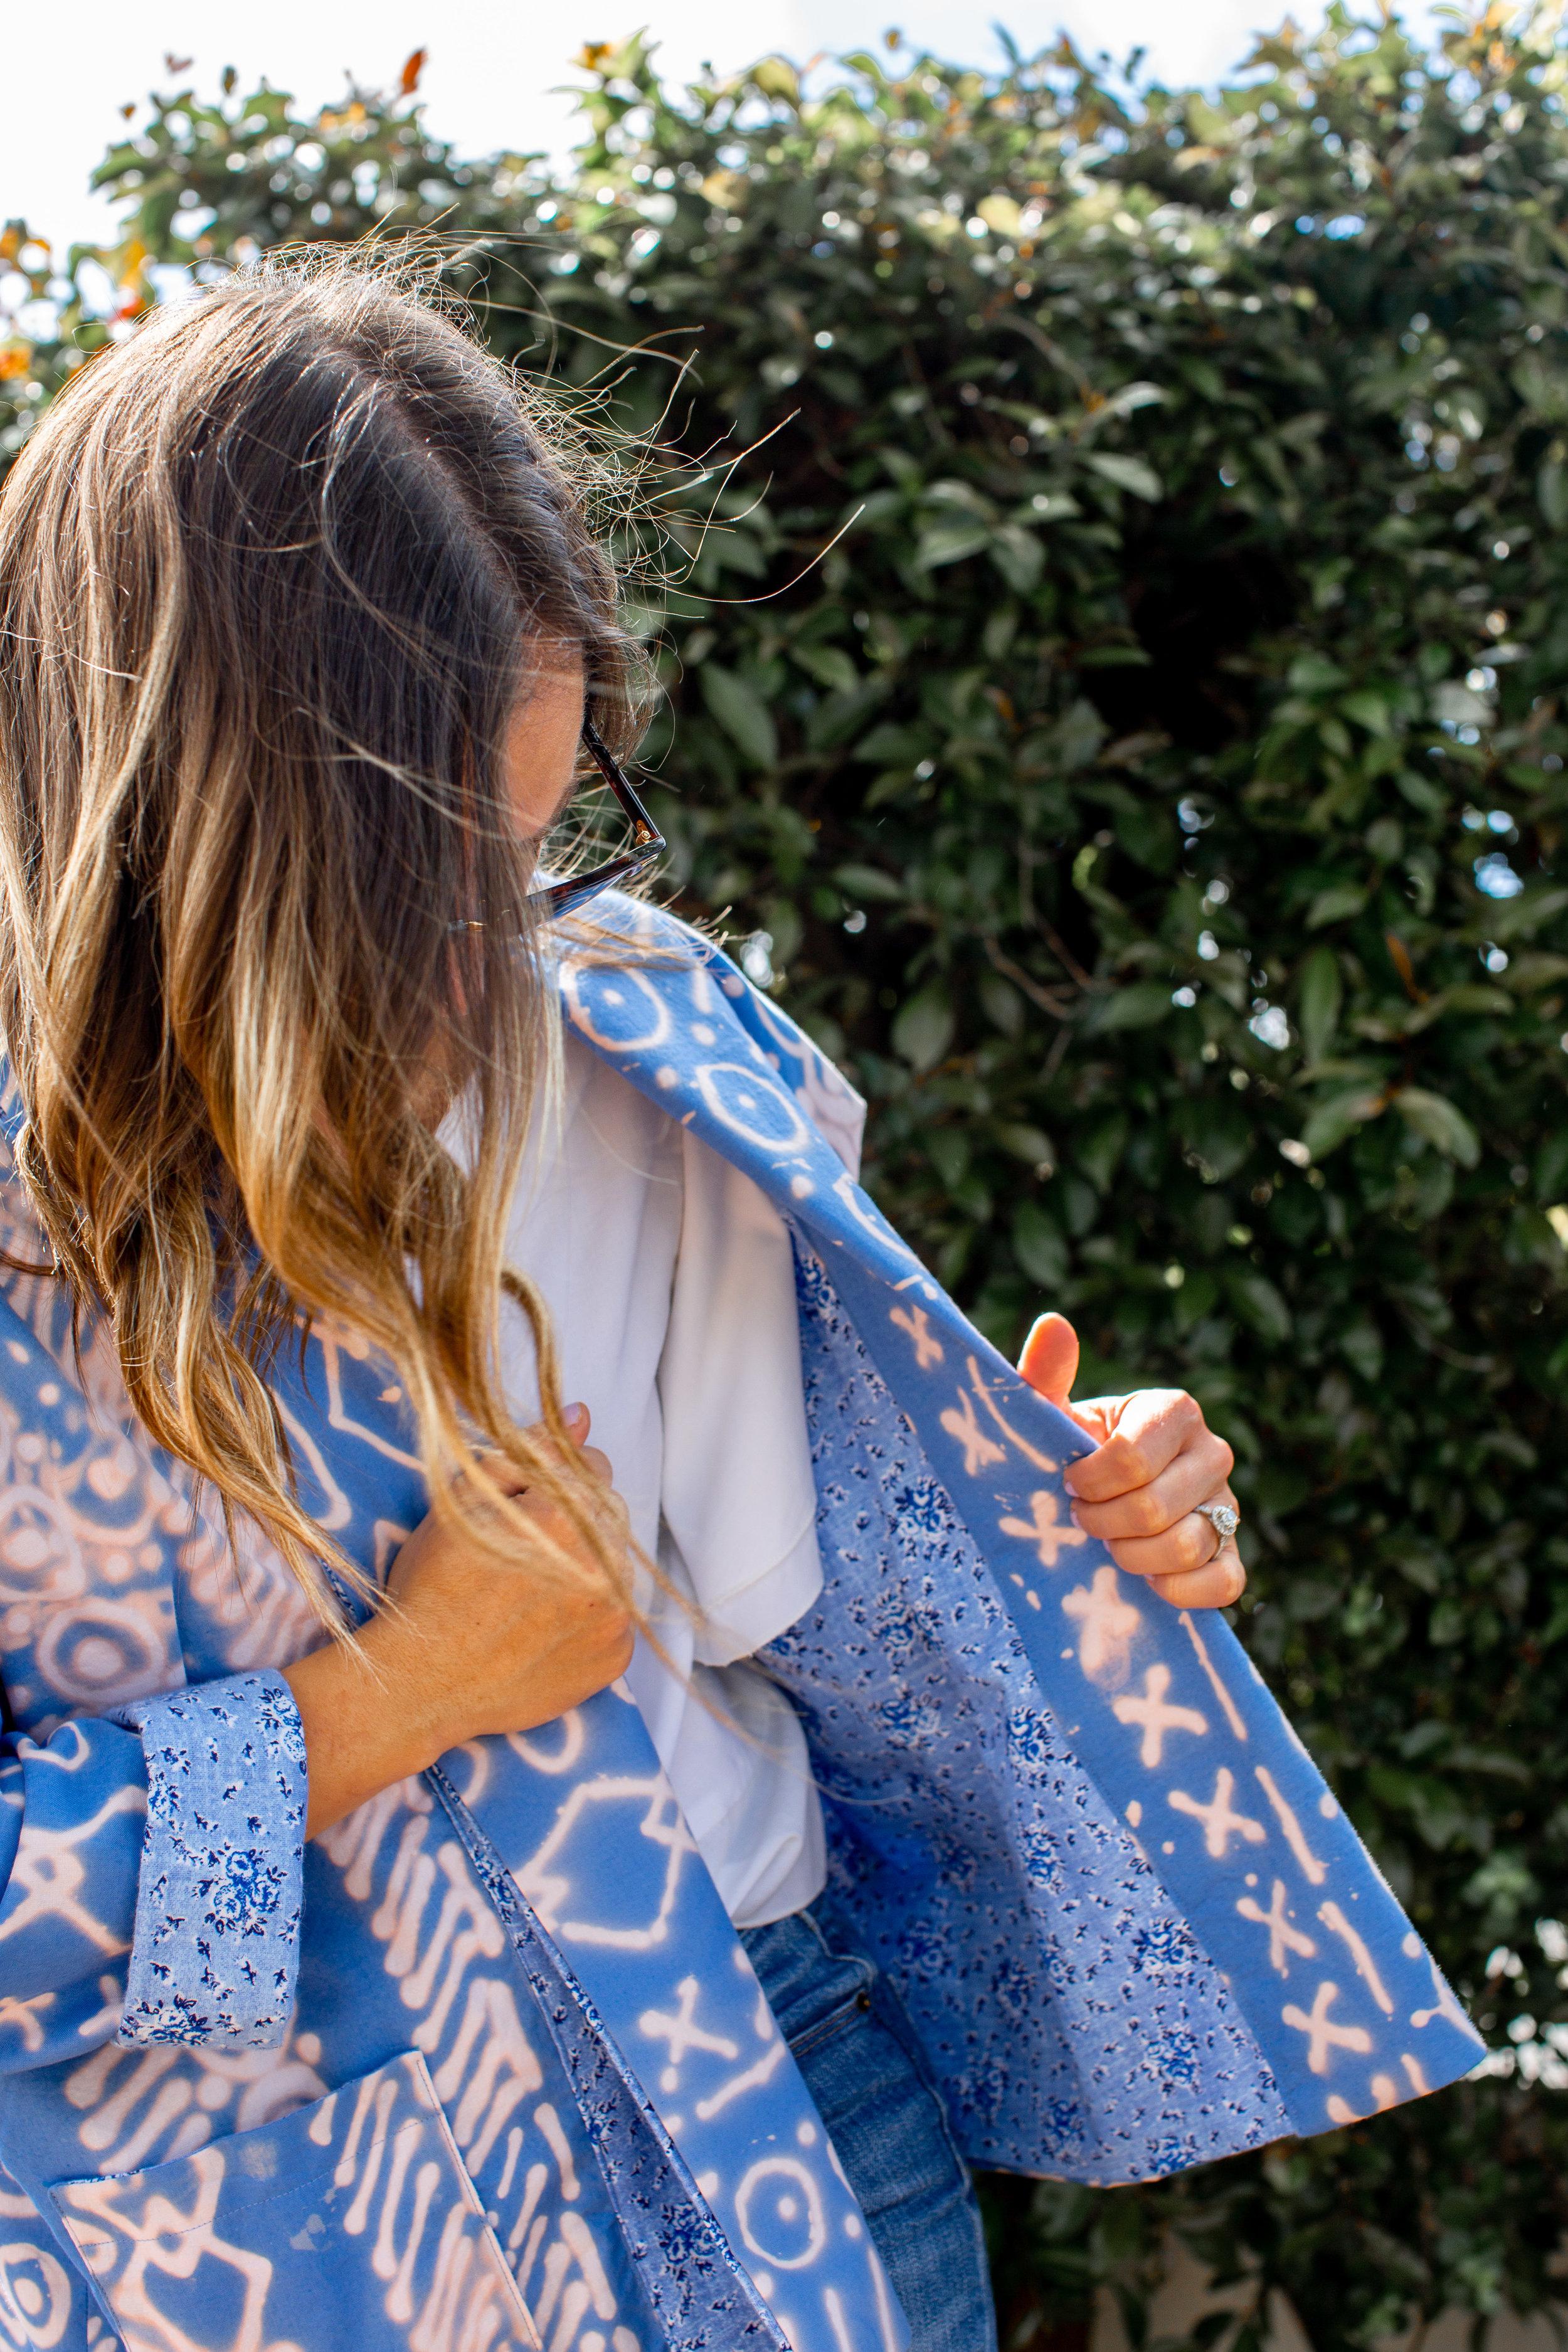 fizz-fade-bleach-dye-kimono-6.jpg